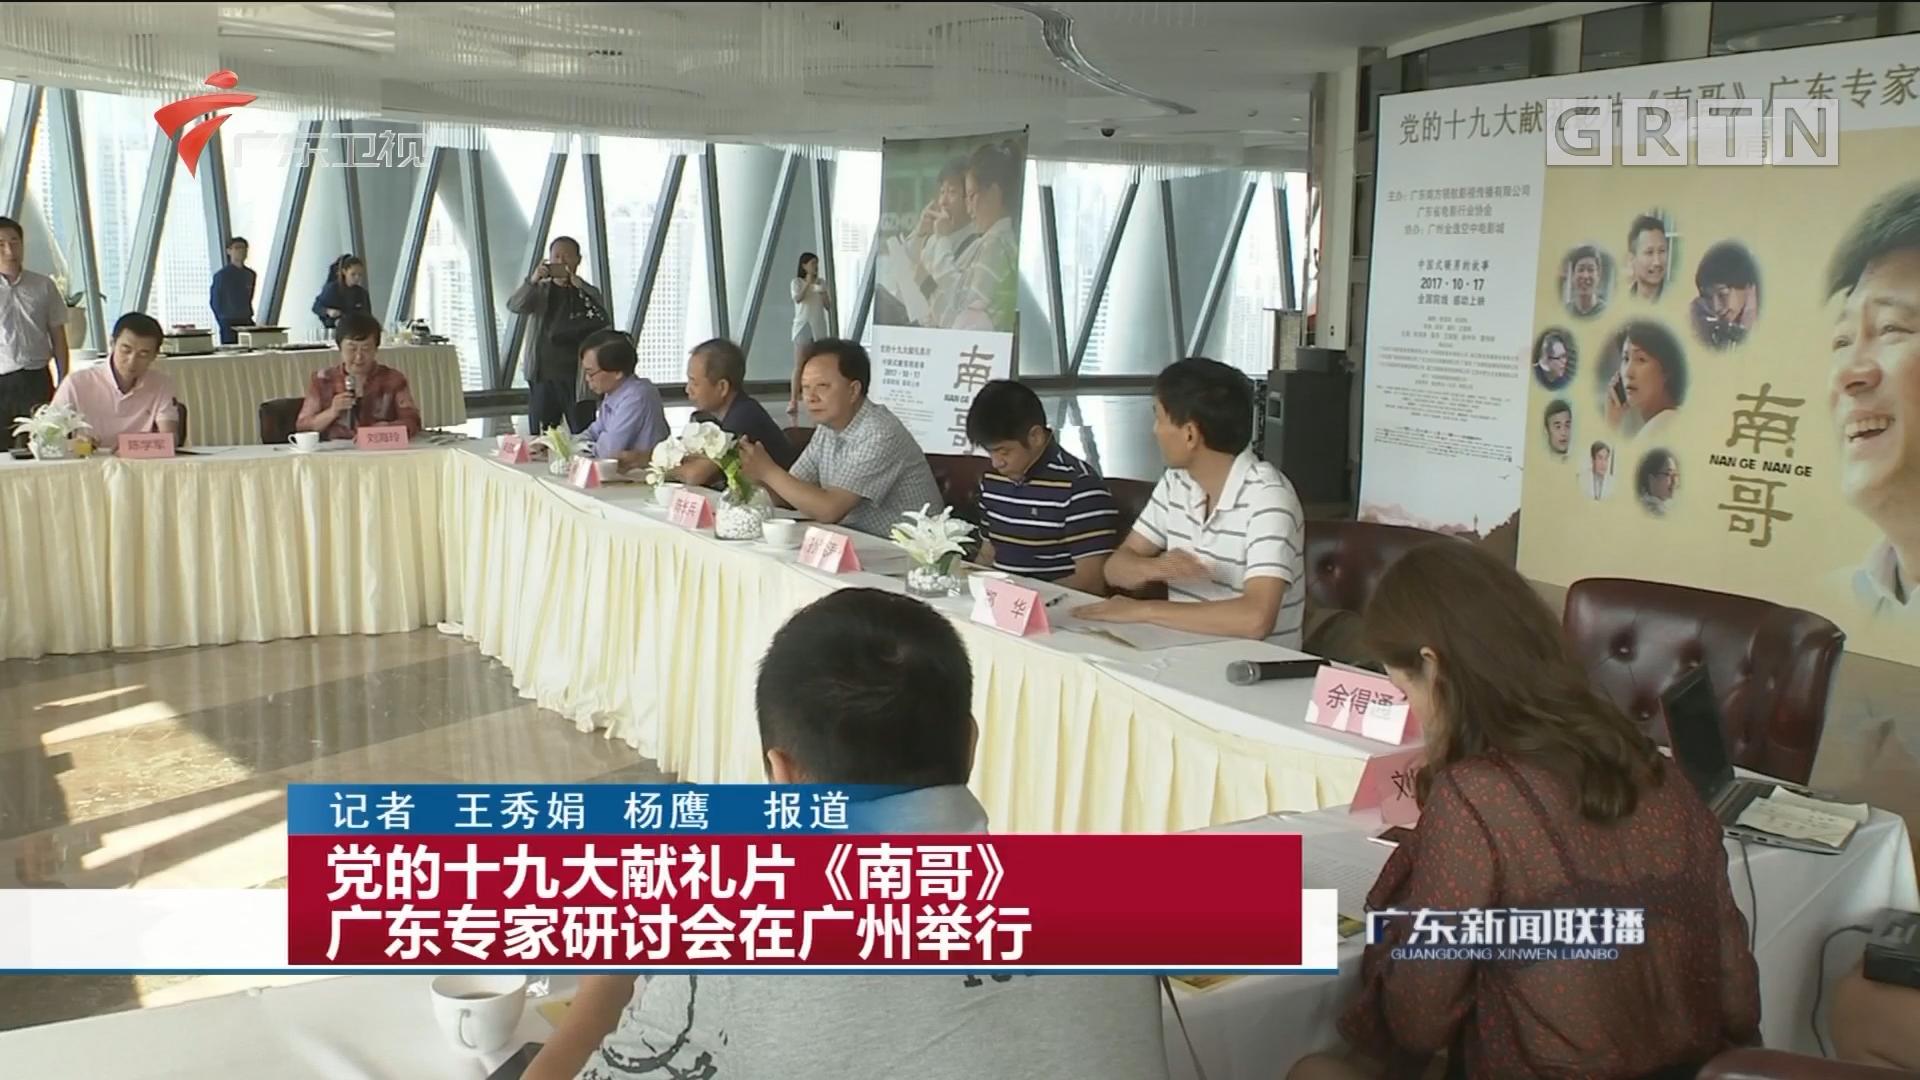 党的十九大献礼片《南哥》广东专家研讨会在广州举行